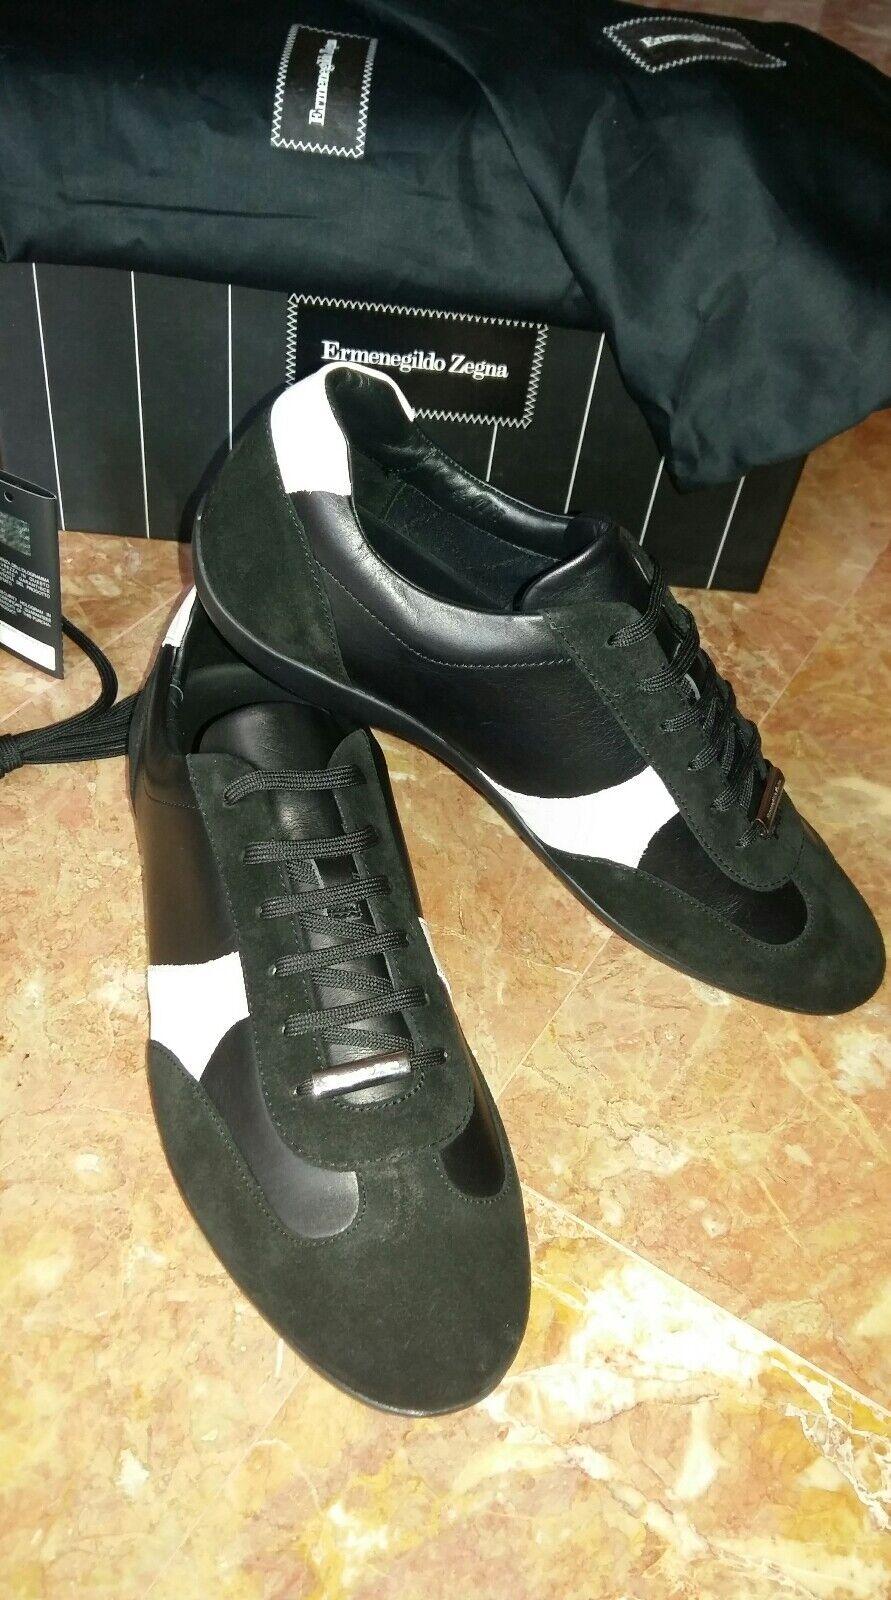 scarpe uomo nuove numero 42(8EU; Sport. 9US) originali Ermenegildo Zegna Sport. 42(8EU; c20147